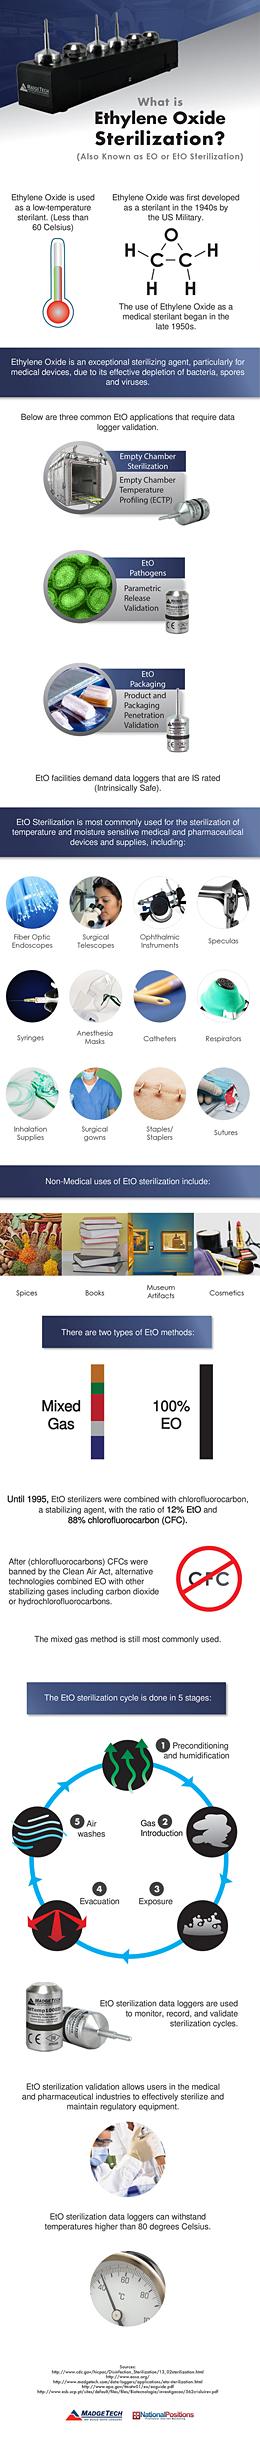 What is Ethylene Oxide Sterilization?